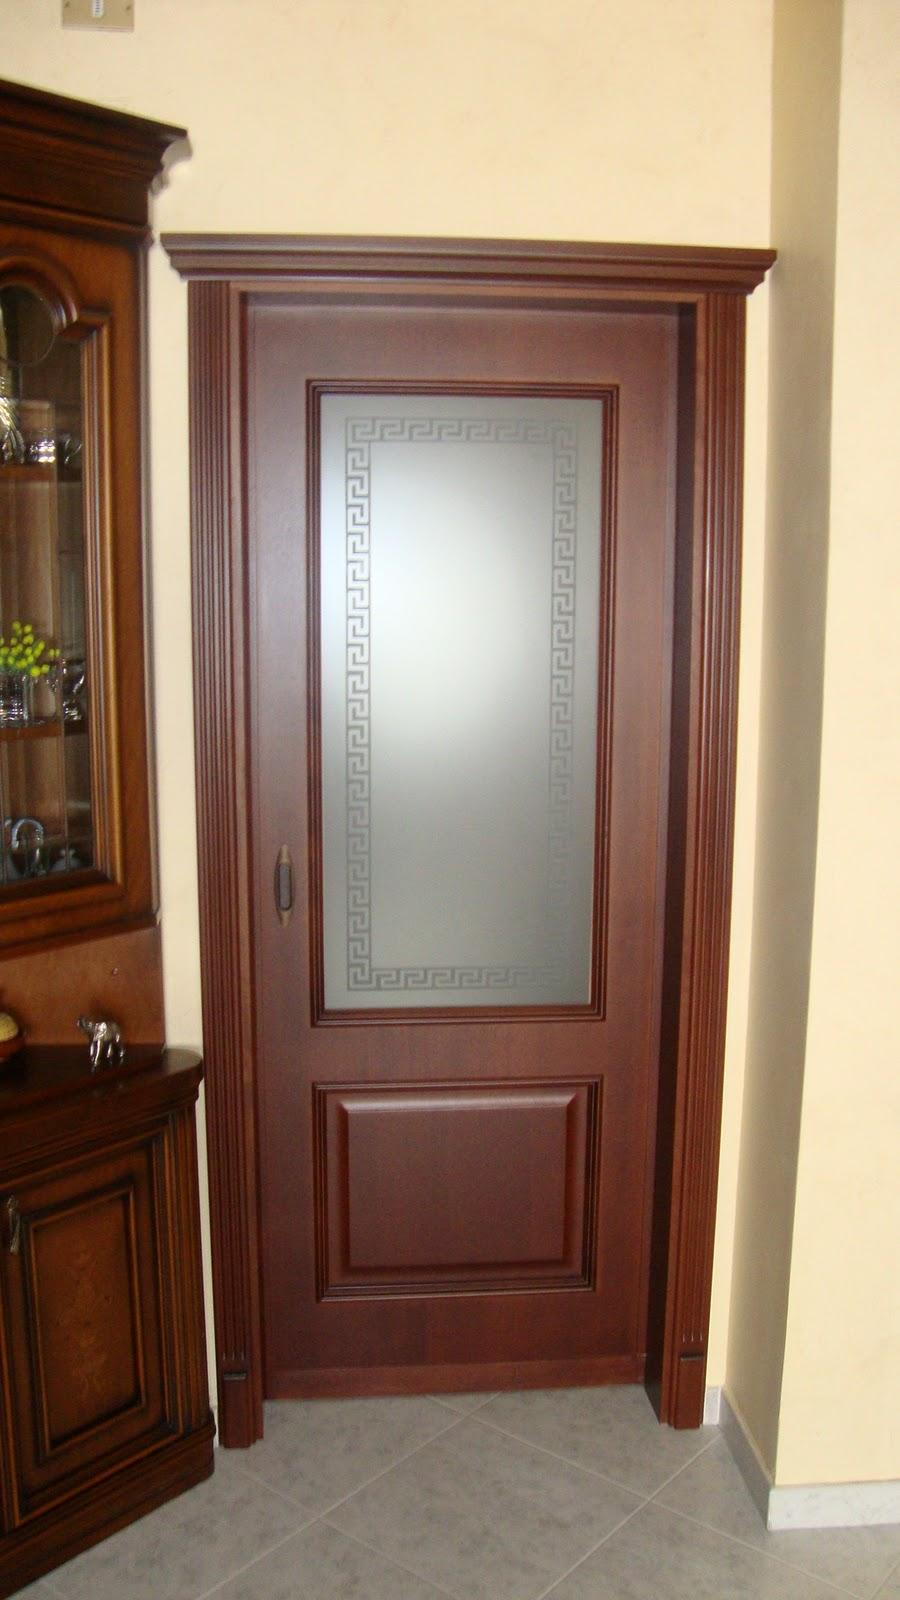 Ilvecchioartigiano bellissima porta in noce nazionale - Porte a scomparsa ...